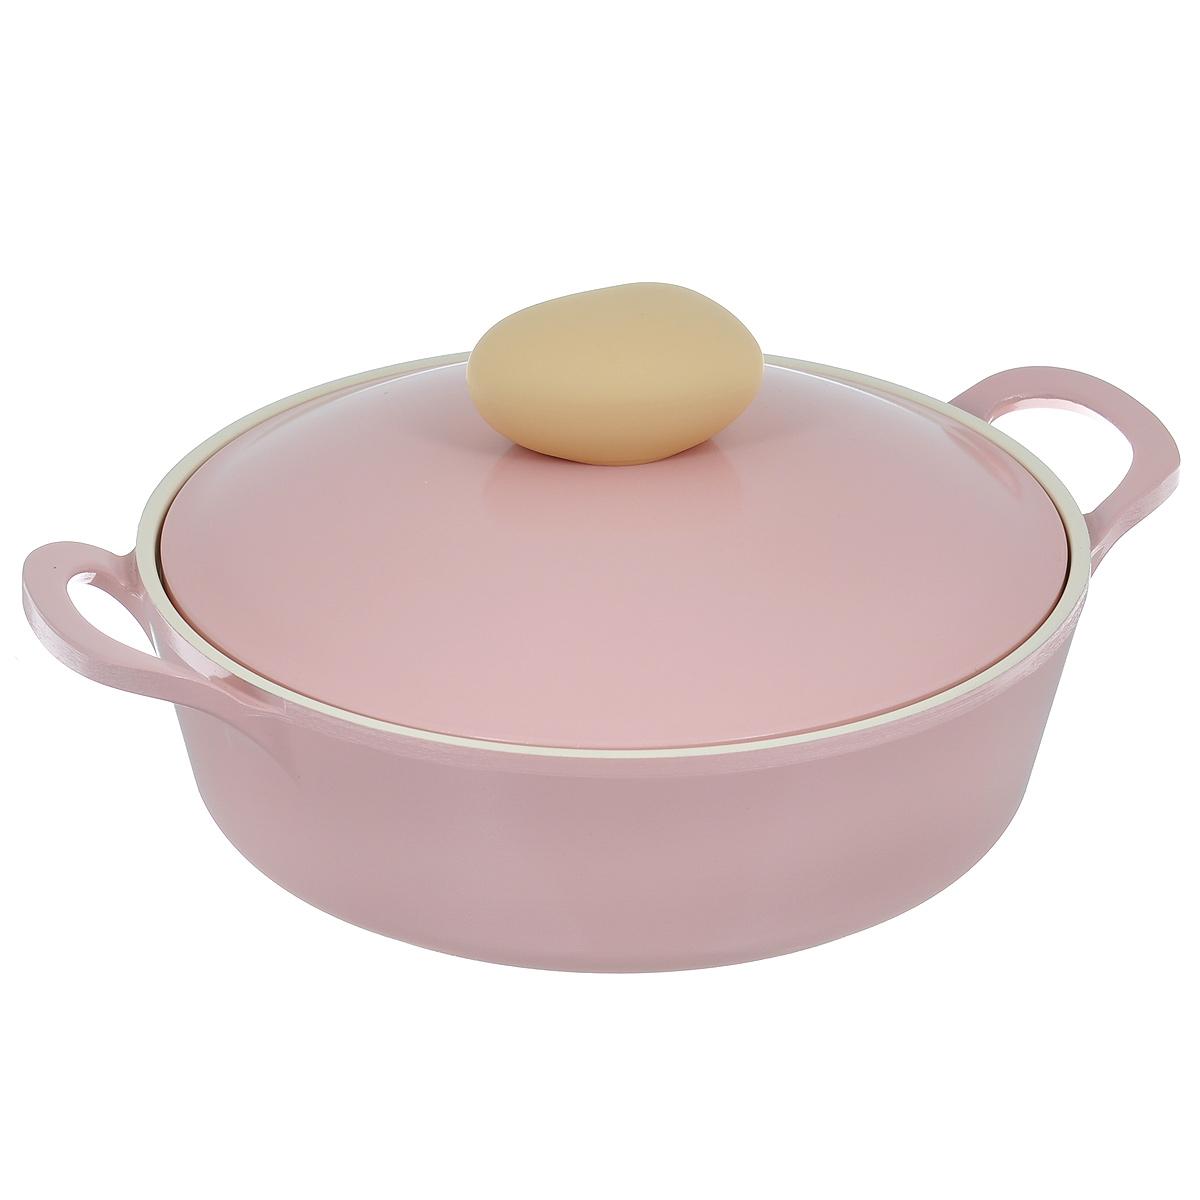 Жаровня Frybest Round с крышкой, с керамическим покрытием, цвет: розовый, 2 л391602Жаровня Frybest Round выполнена из алюминия с внутренним и внешним керамическим покрытием Ecolon Superior. Такое покрытие устойчиво к повреждениям и не содержит вредных компонентов, так как изготовлено из натуральных материалов. Жаровня оснащена удобными литыми алюминиевыми ручками и крышкой с пароотводом и прорезиненной ручкой из высококачественного пластика. Коллекция Round - это сочетание непревзойденного качества и элегантности.Ключевые преимущества:- Литой алюминиевый корпус хорошо проводит тепло и равномерно нагревается, обеспечивая наиболее эффективное приготовление пищи,- Крепления ручек не имеют заклепок на внутренней стороне посуды,- Внешнее и внутреннее покрытие устойчиво к царапинам и повреждениям,- Покрытие абсолютно нейтрально и не вступает в реакцию с пищей,- Легко моется,- Утолщенное дно для лучшего распространения тепла и экономии энергии,- Благодаря равномерно прогревающейся алюминиевой крышке в процессе приготовления блюд создается эффект томления, еда готовится быстрее и приобретает более насыщенный вкус и аромат,- Встроенный в крышку пароотвод предотвращает выкипание,- Уникальная технология напыления стальных частиц на дно изделия,- Не содержит PFOA. Можно мыть в посудомоечной машине. Подходит для электрических, газовых, стеклокерамических, индукционных плит.